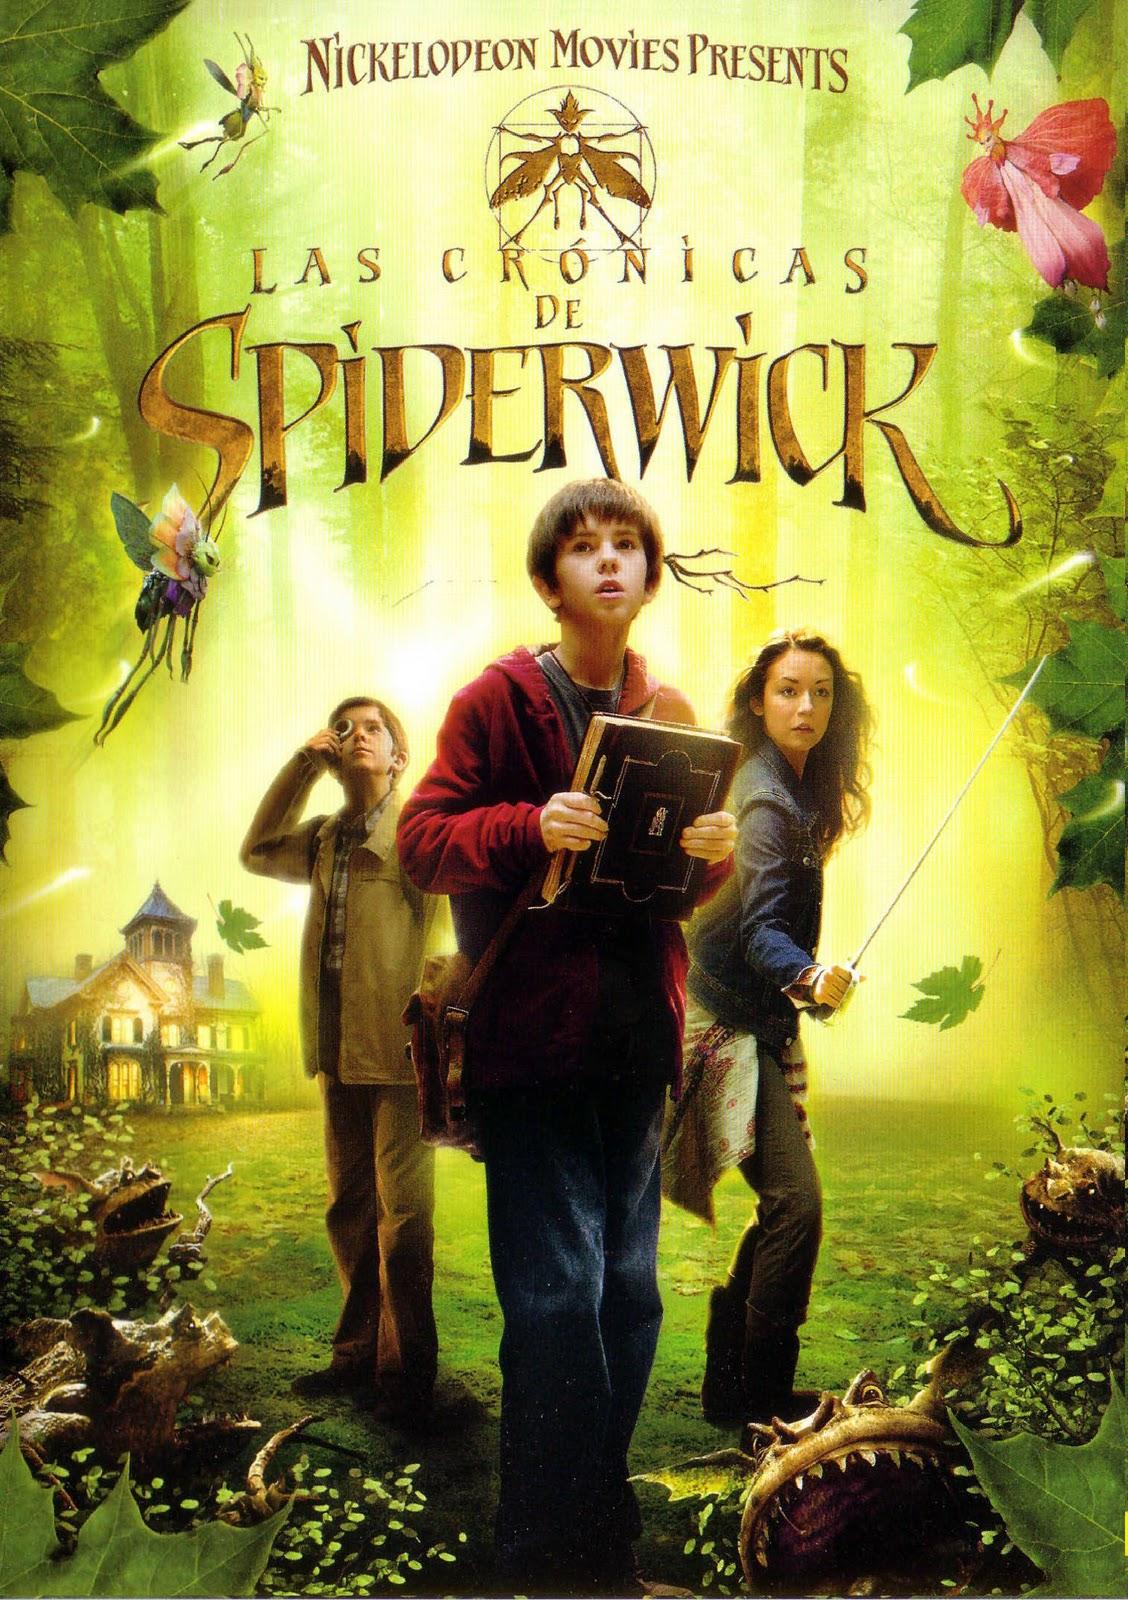 póster de la película Las crónicas de Spiderwick